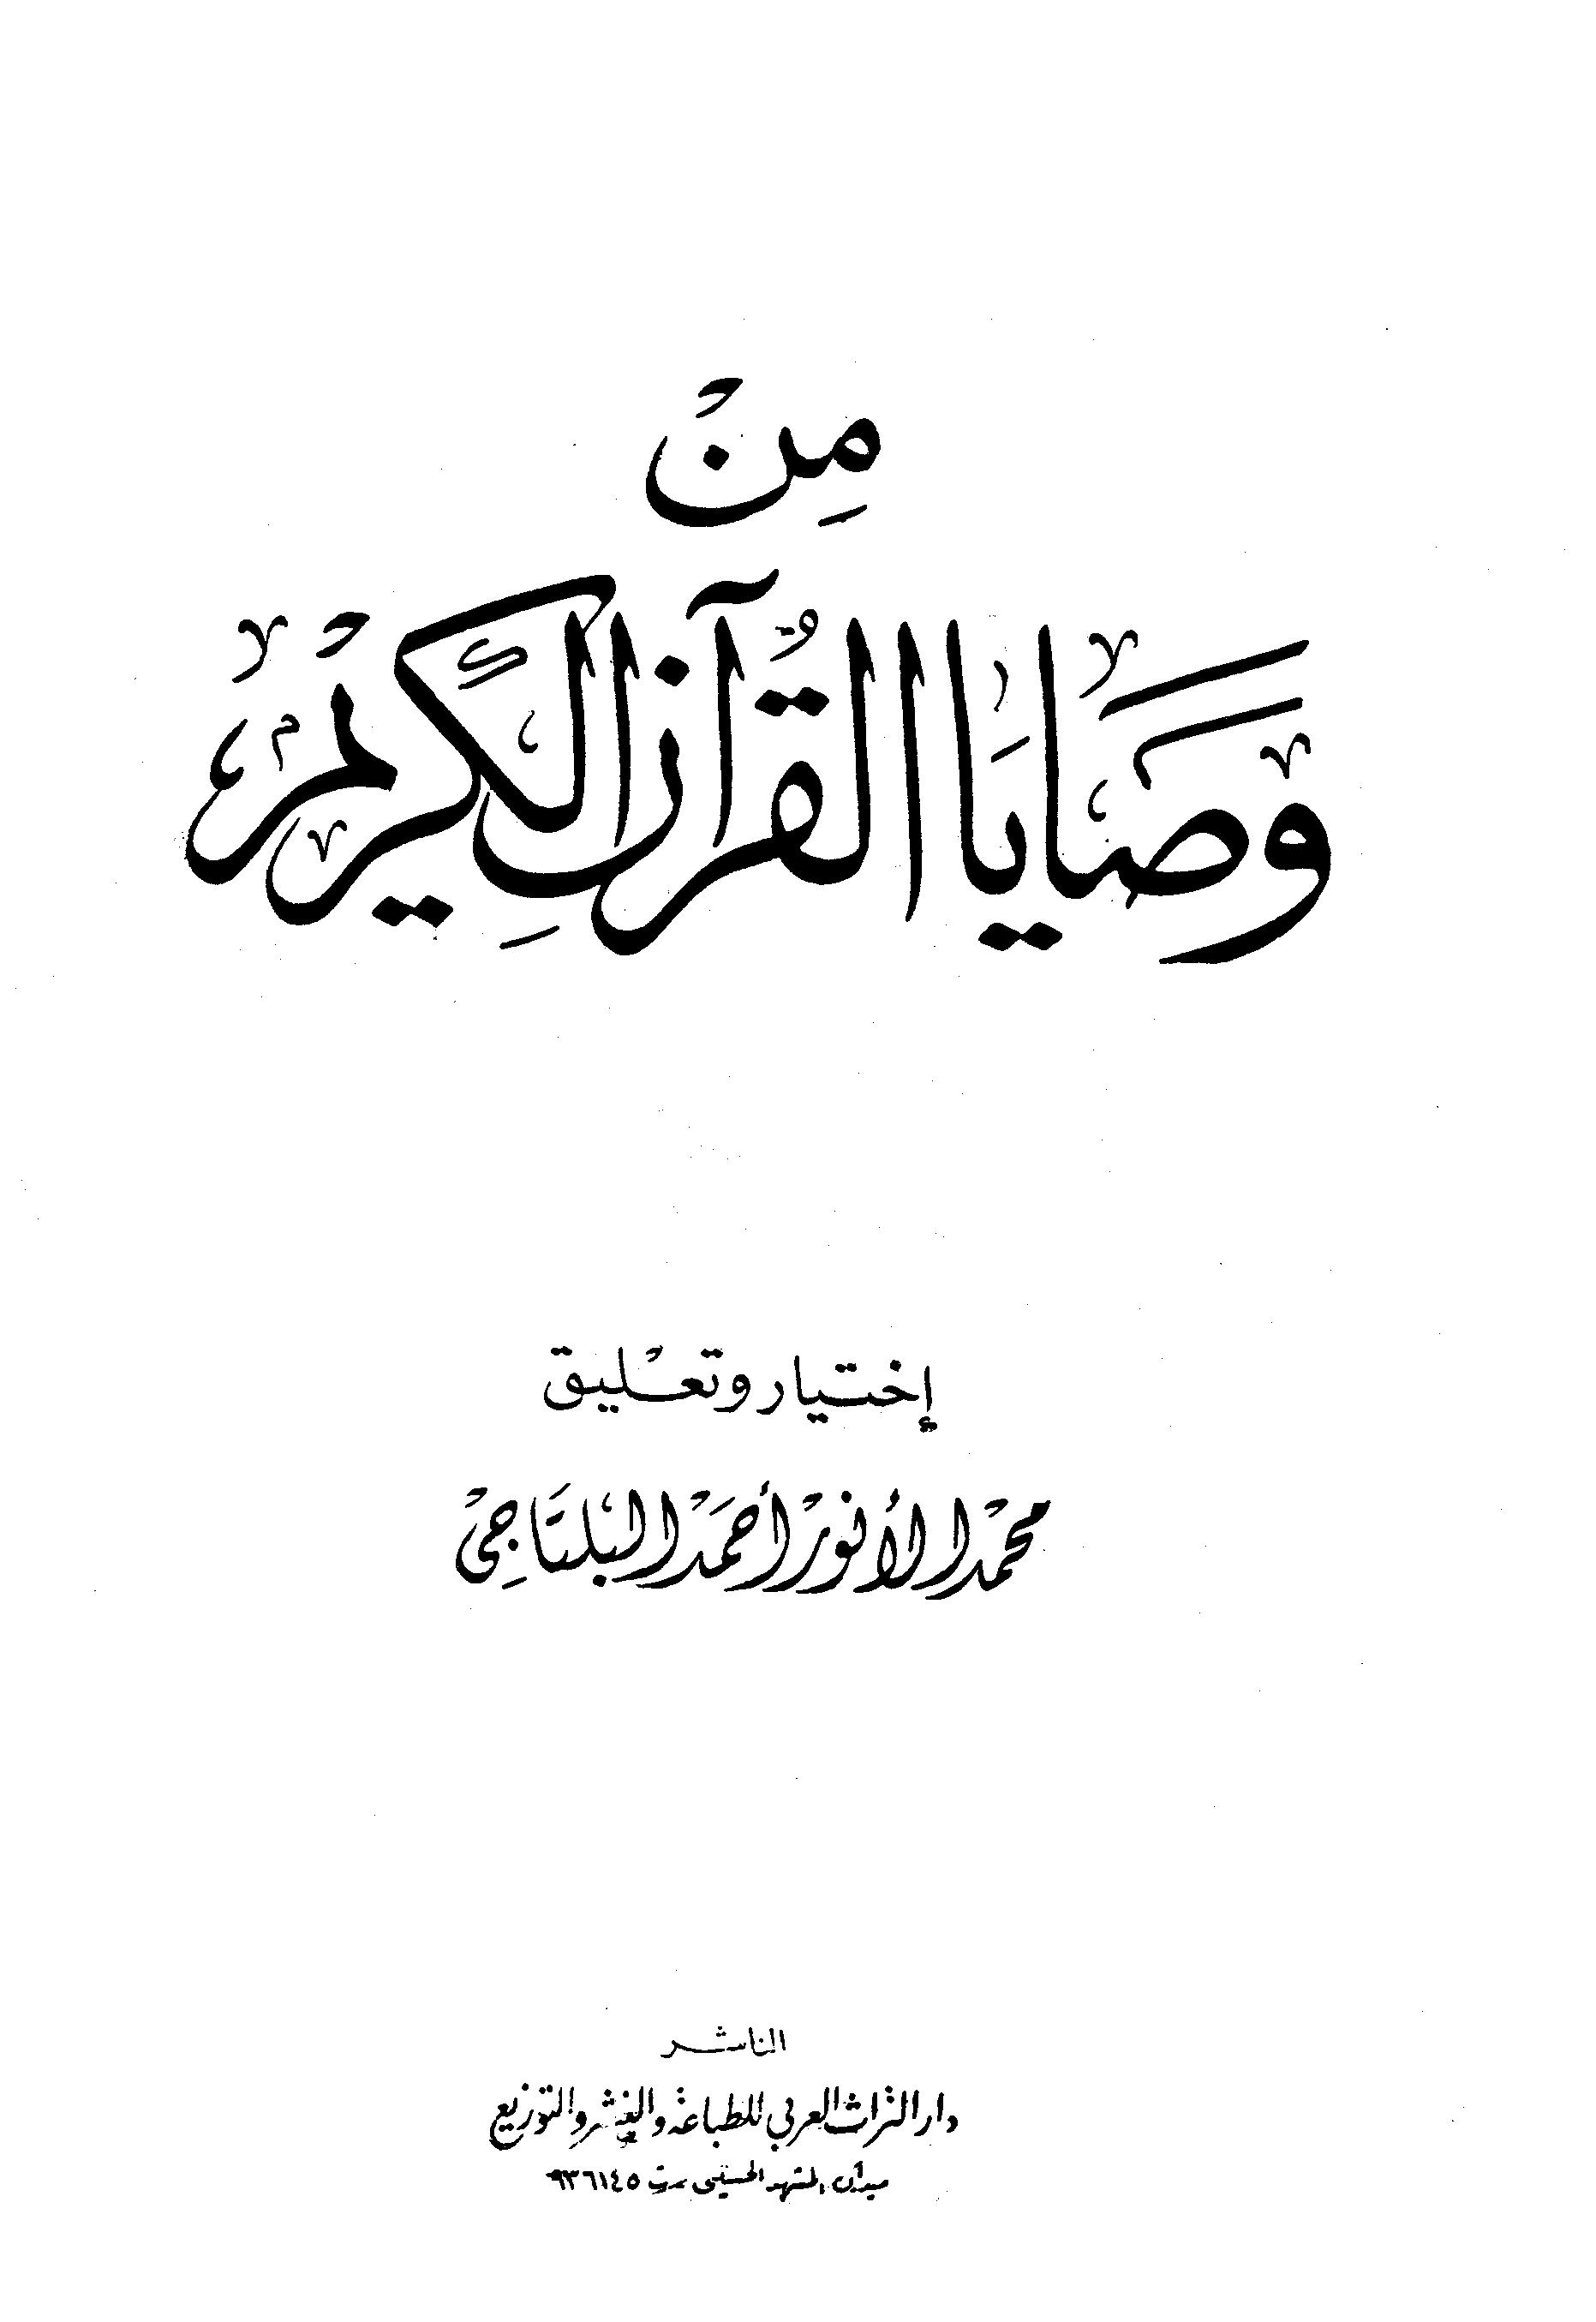 تحميل كتاب من وصايا القرآن الكريم لـِ: محمد الأنور أحمد البلتاجي